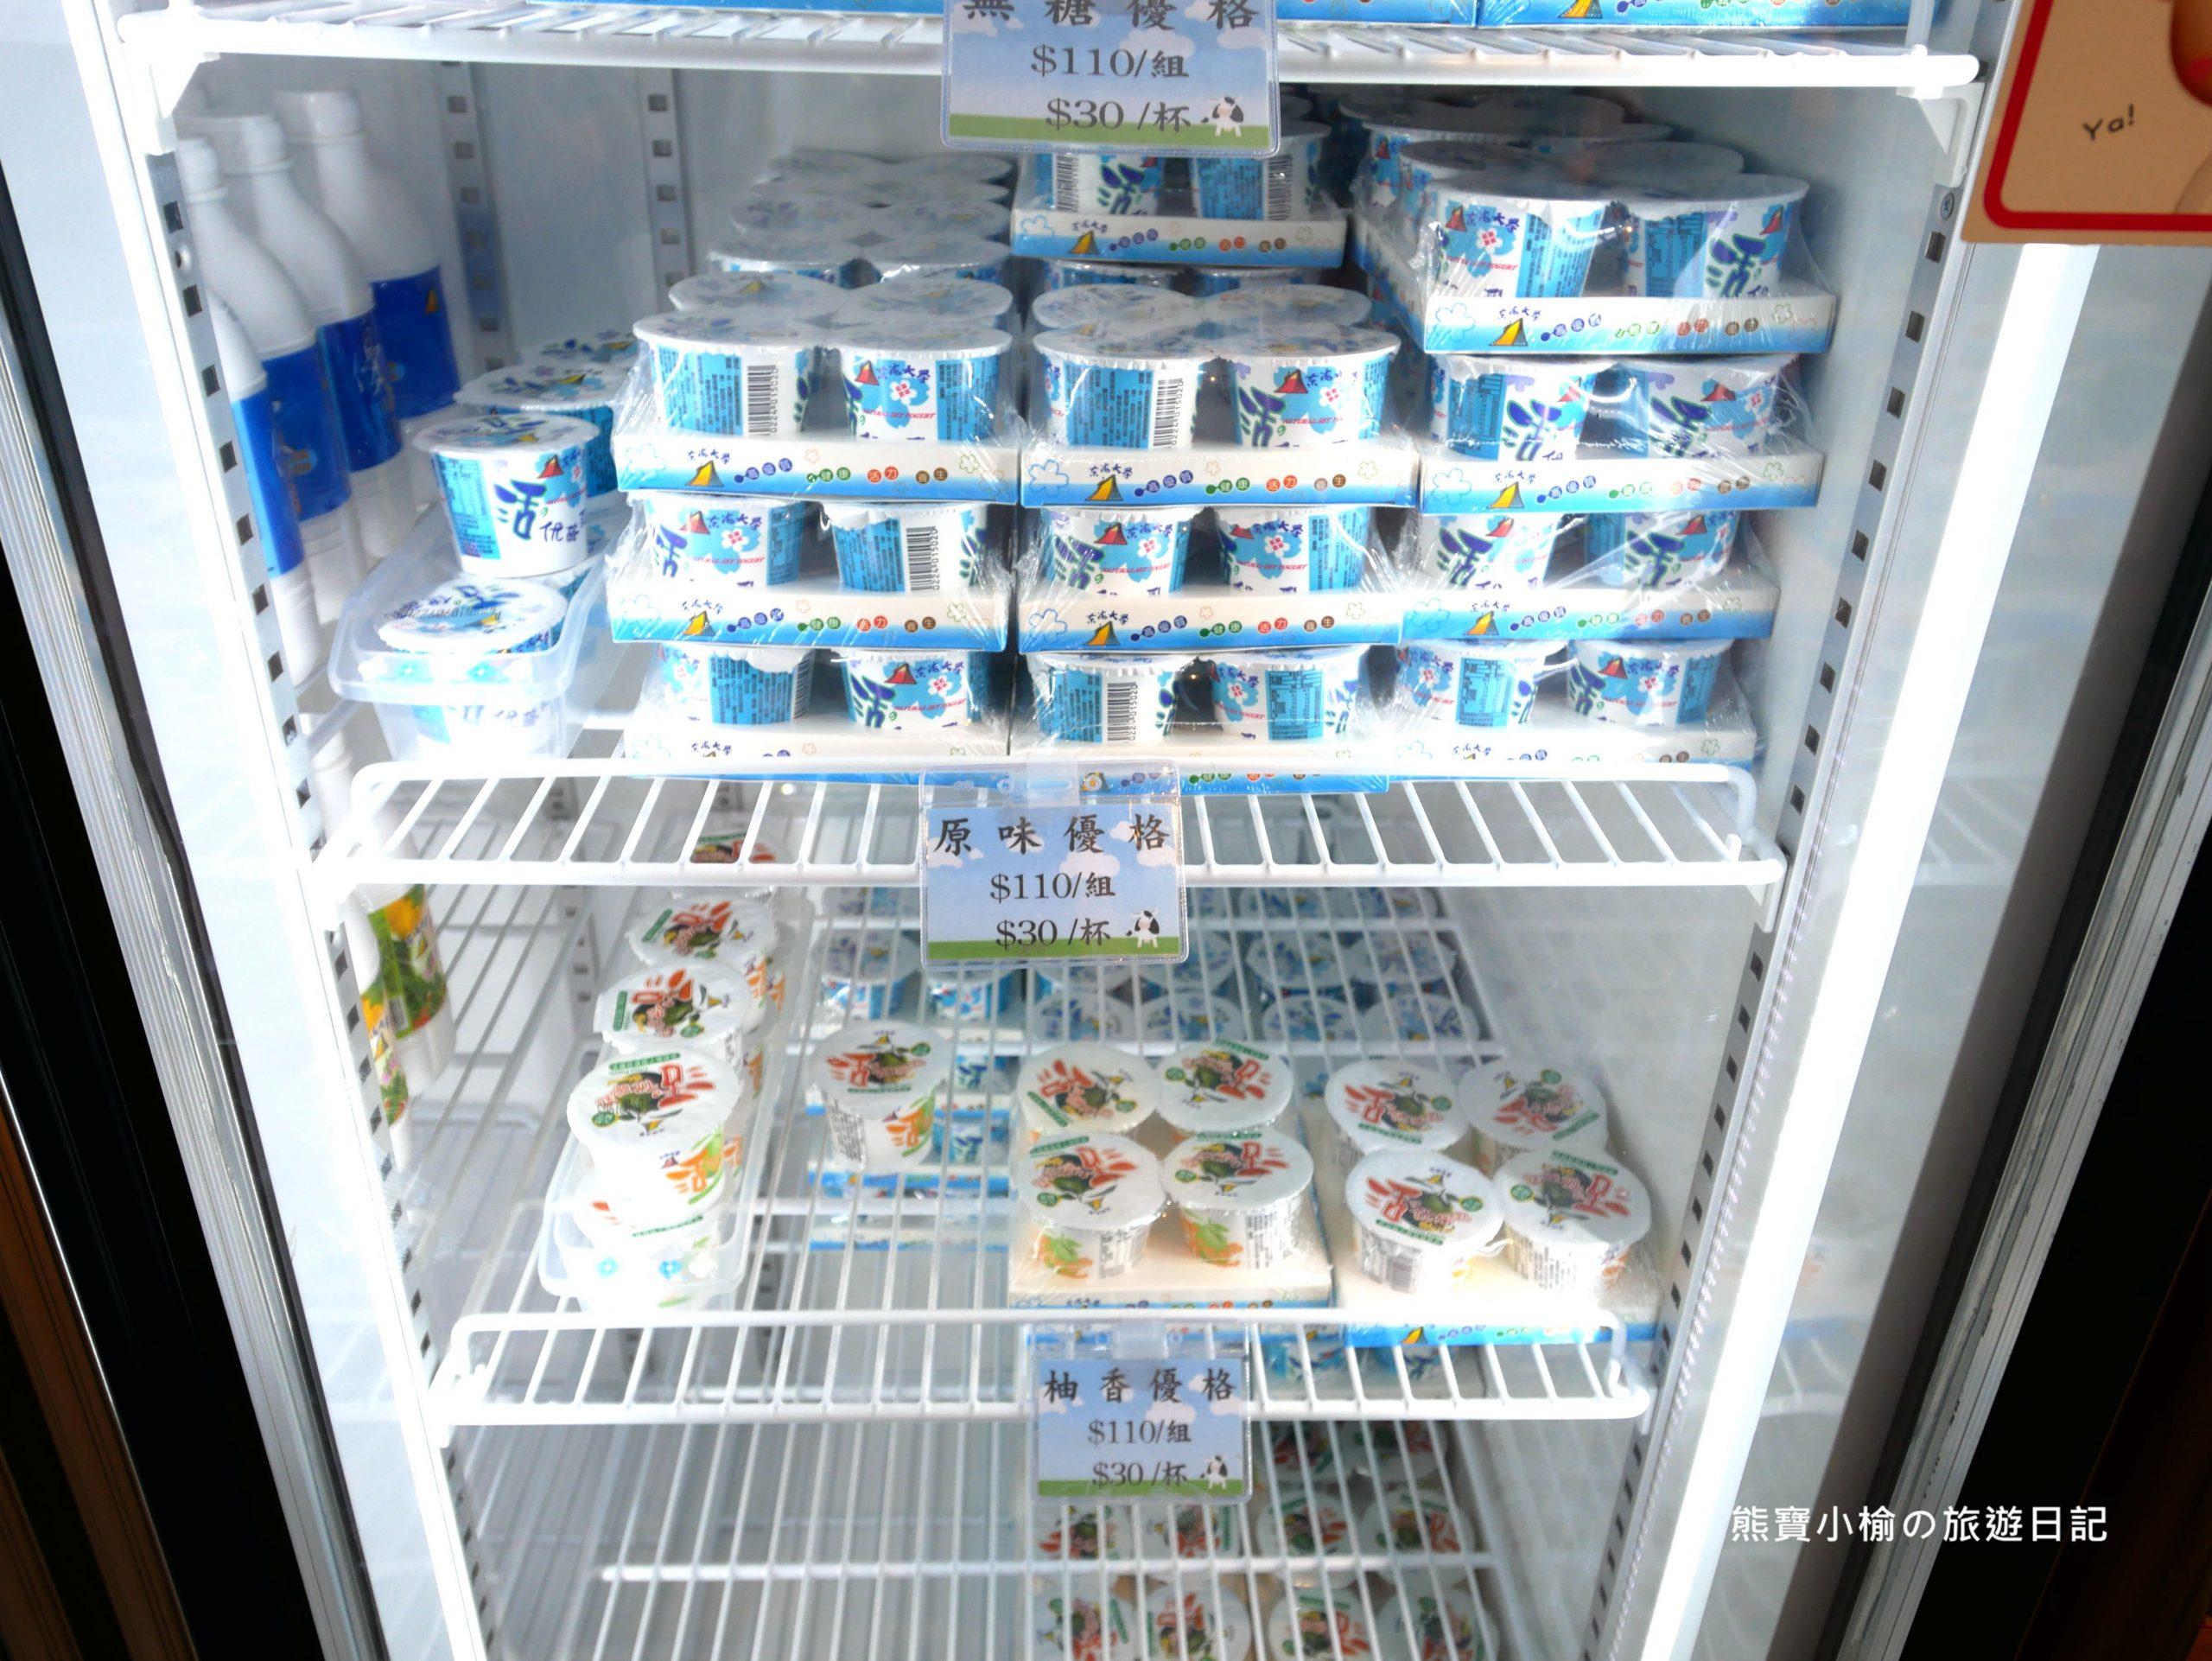 東海大學乳品小棧,來東海牧場散步必吃牛奶冰淇淋、牛奶泡芙!東海校內美食。 @熊寶小榆の旅遊日記